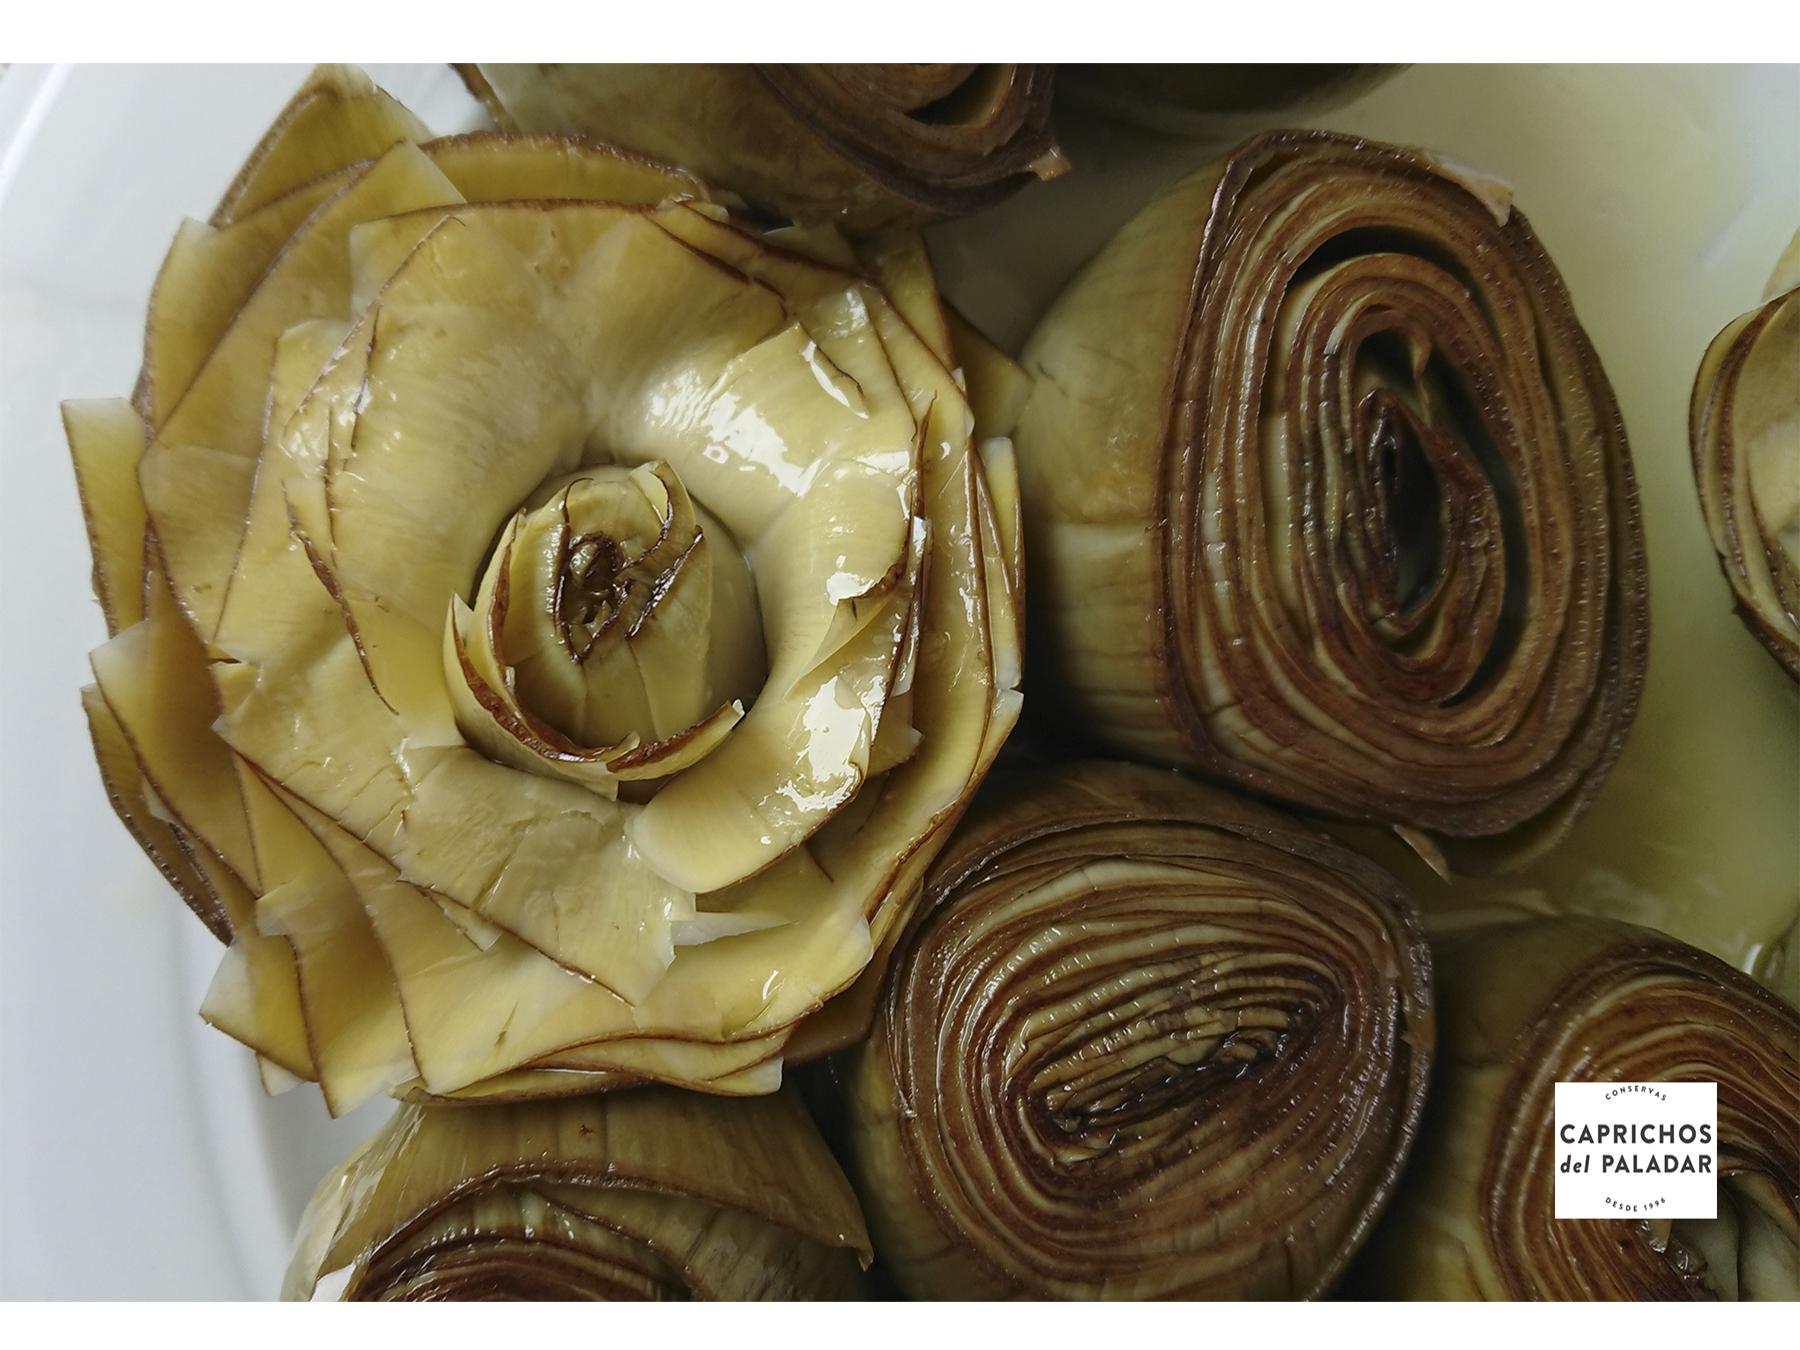 flor alcachofa carné carolls carprichos del paladar murcia barcelona carxofa carxofes alcachofas